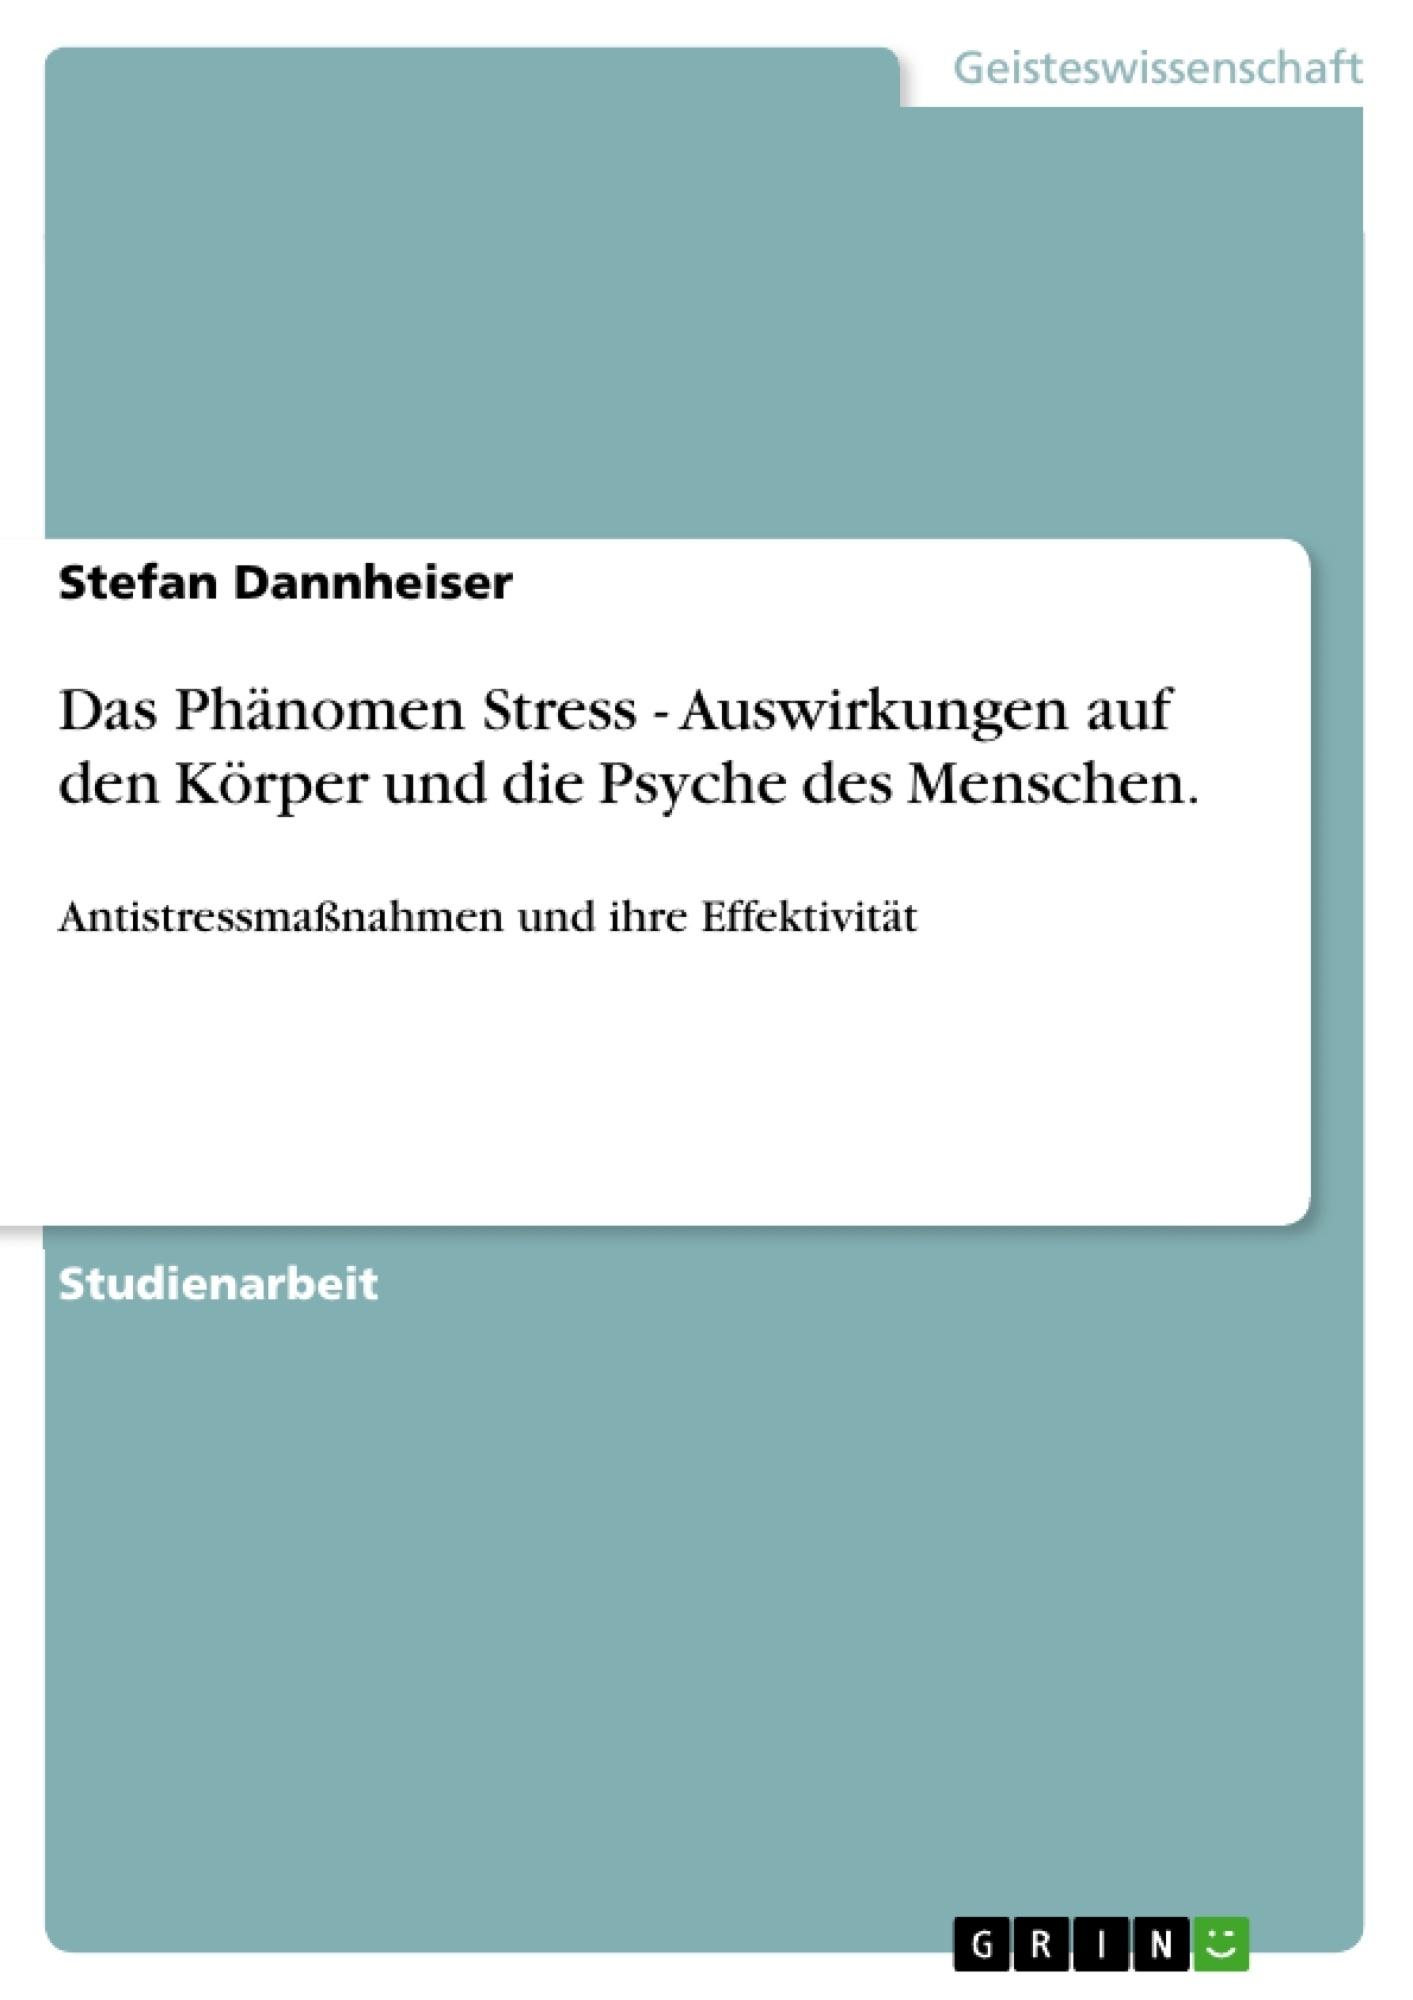 Titel: Das Phänomen Stress - Auswirkungen auf den Körper und die Psyche des Menschen.